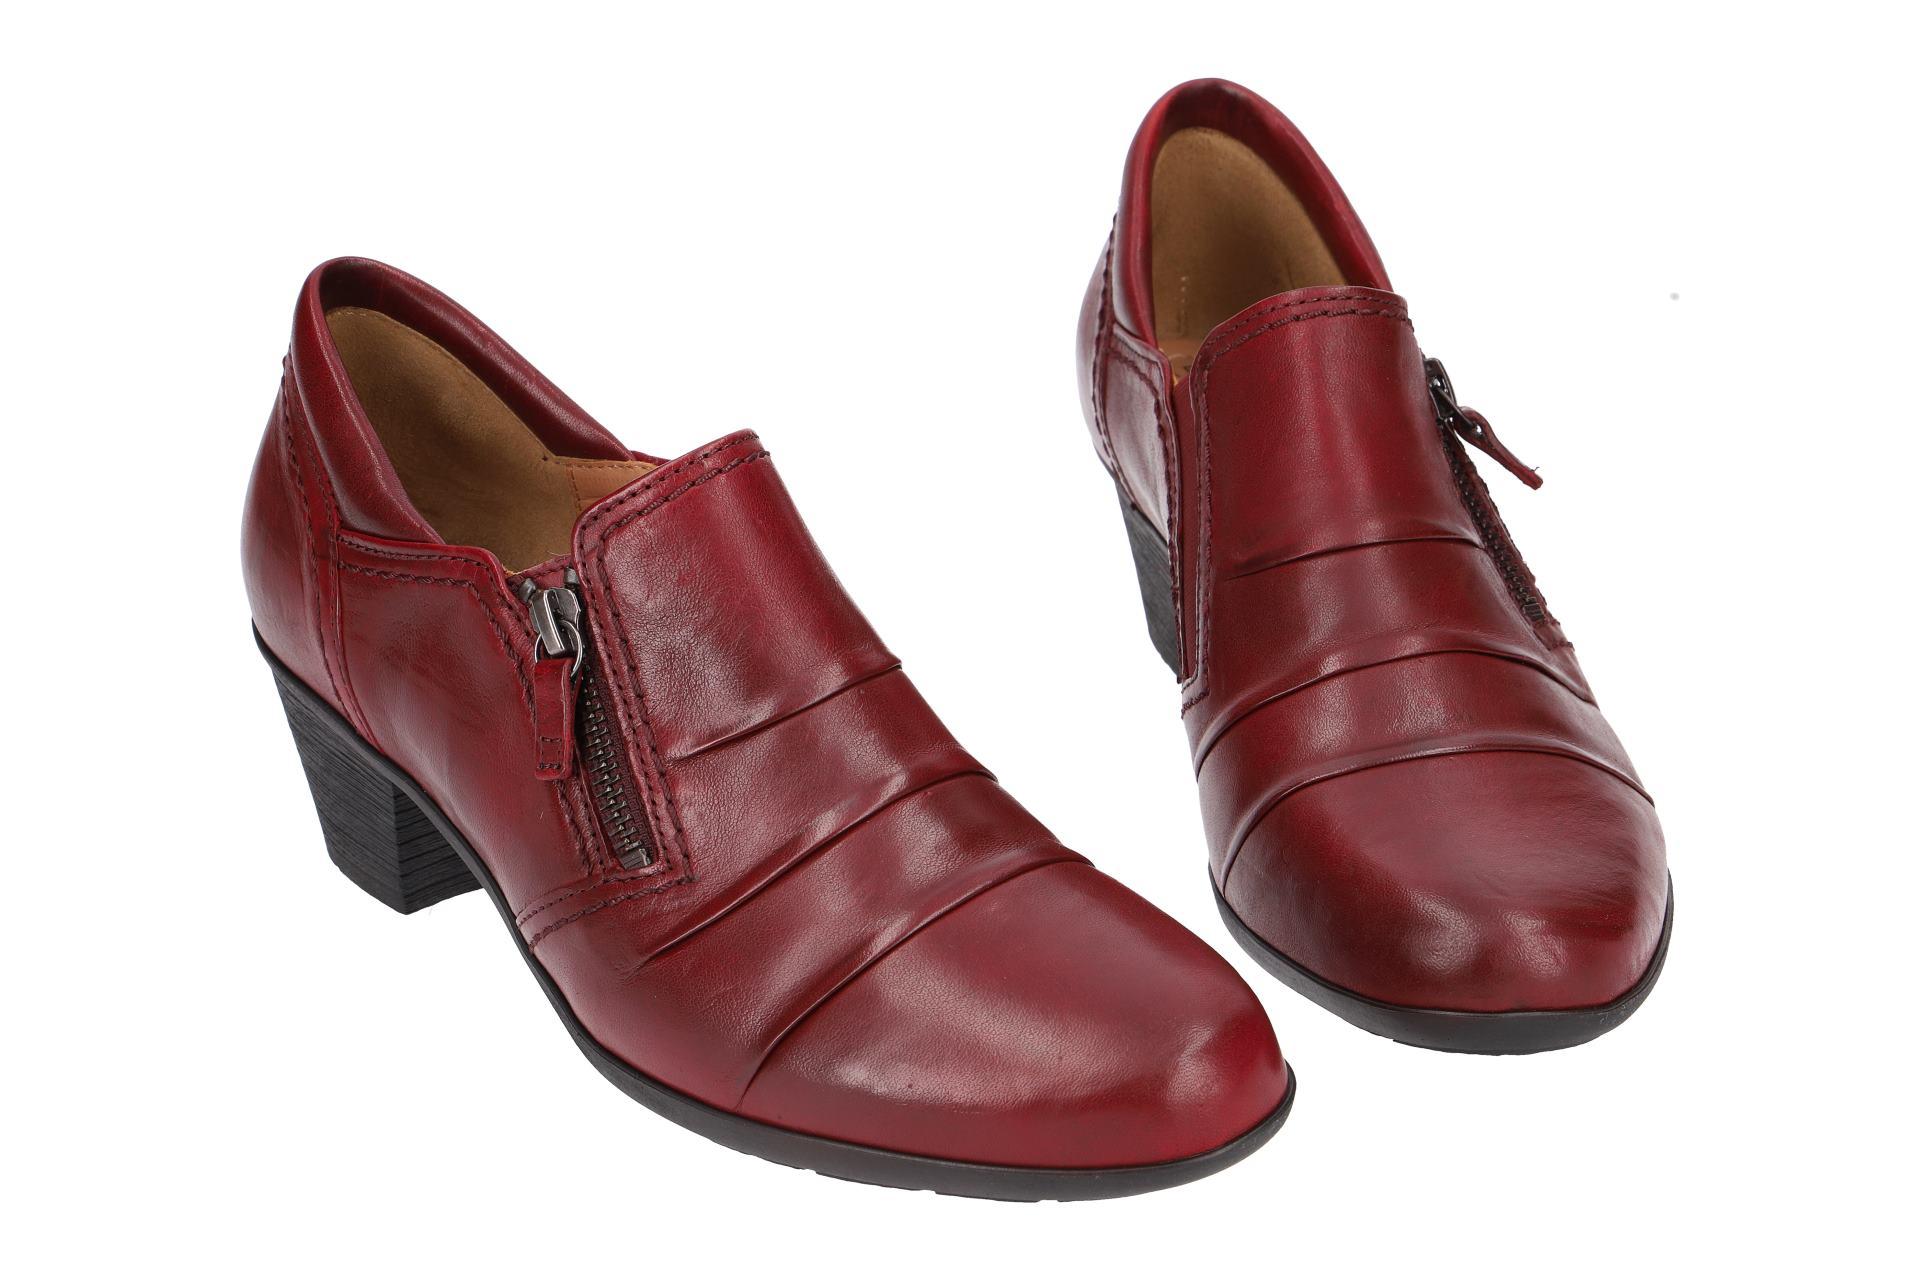 cefadd0cce29 Gabor Schuhe 94.491 rot Damenschuhe elegante Slipper 94.491.55 NEU ...